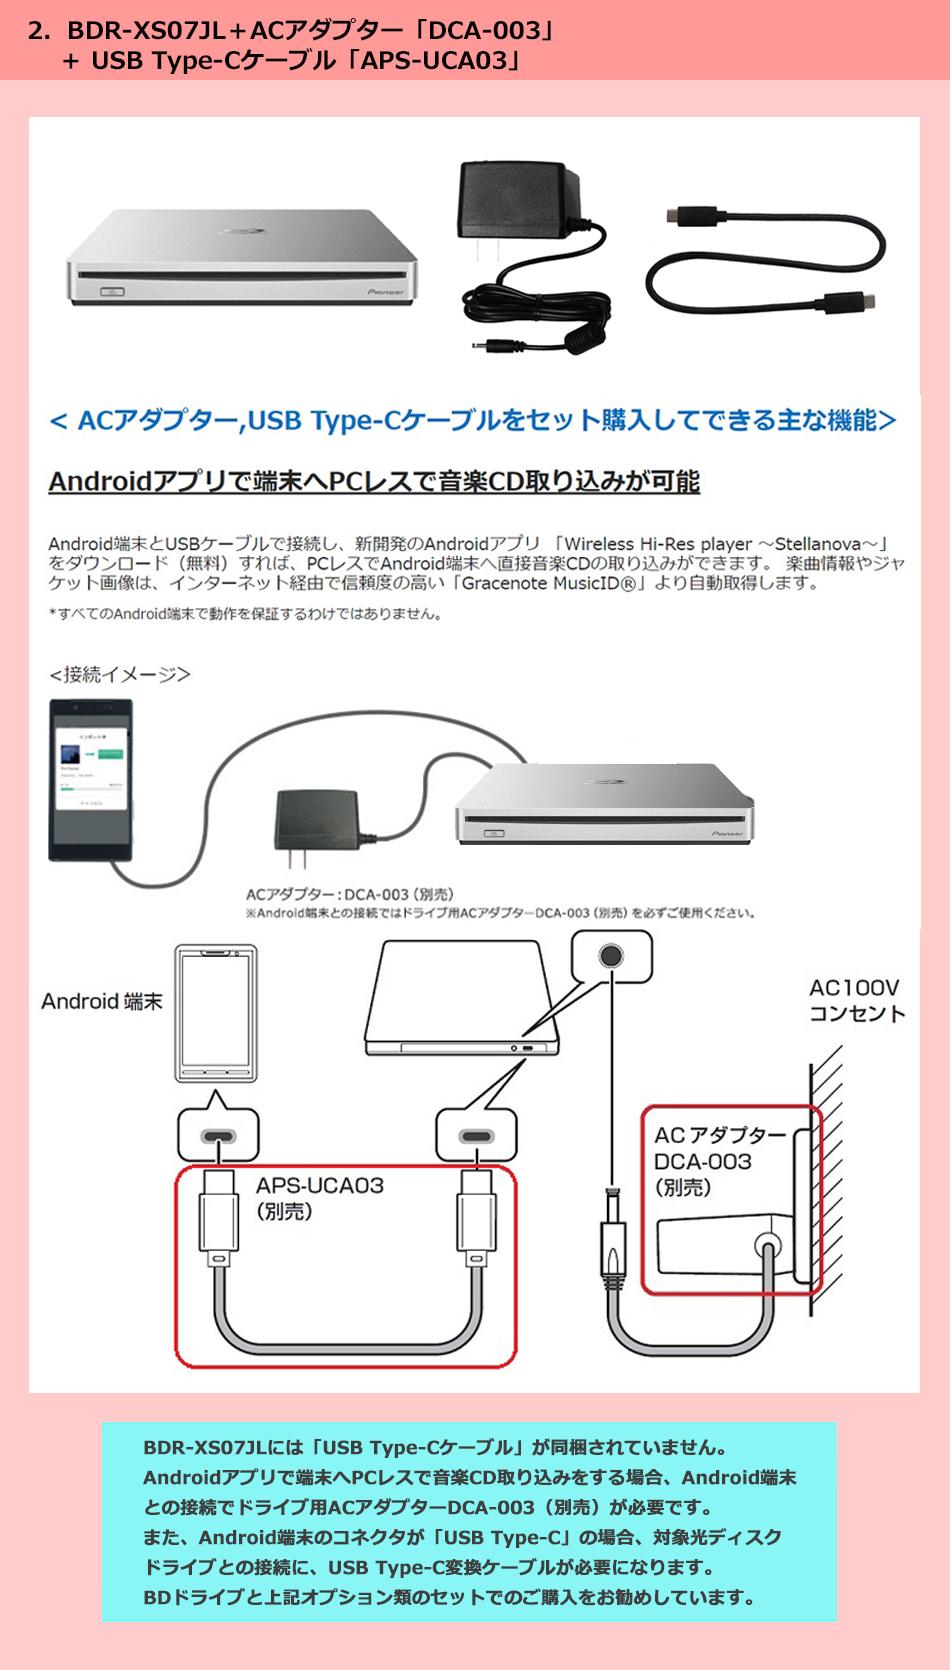 BDR-XS07JL+ACアダプター+USB TypeCケーブルセットのご紹介